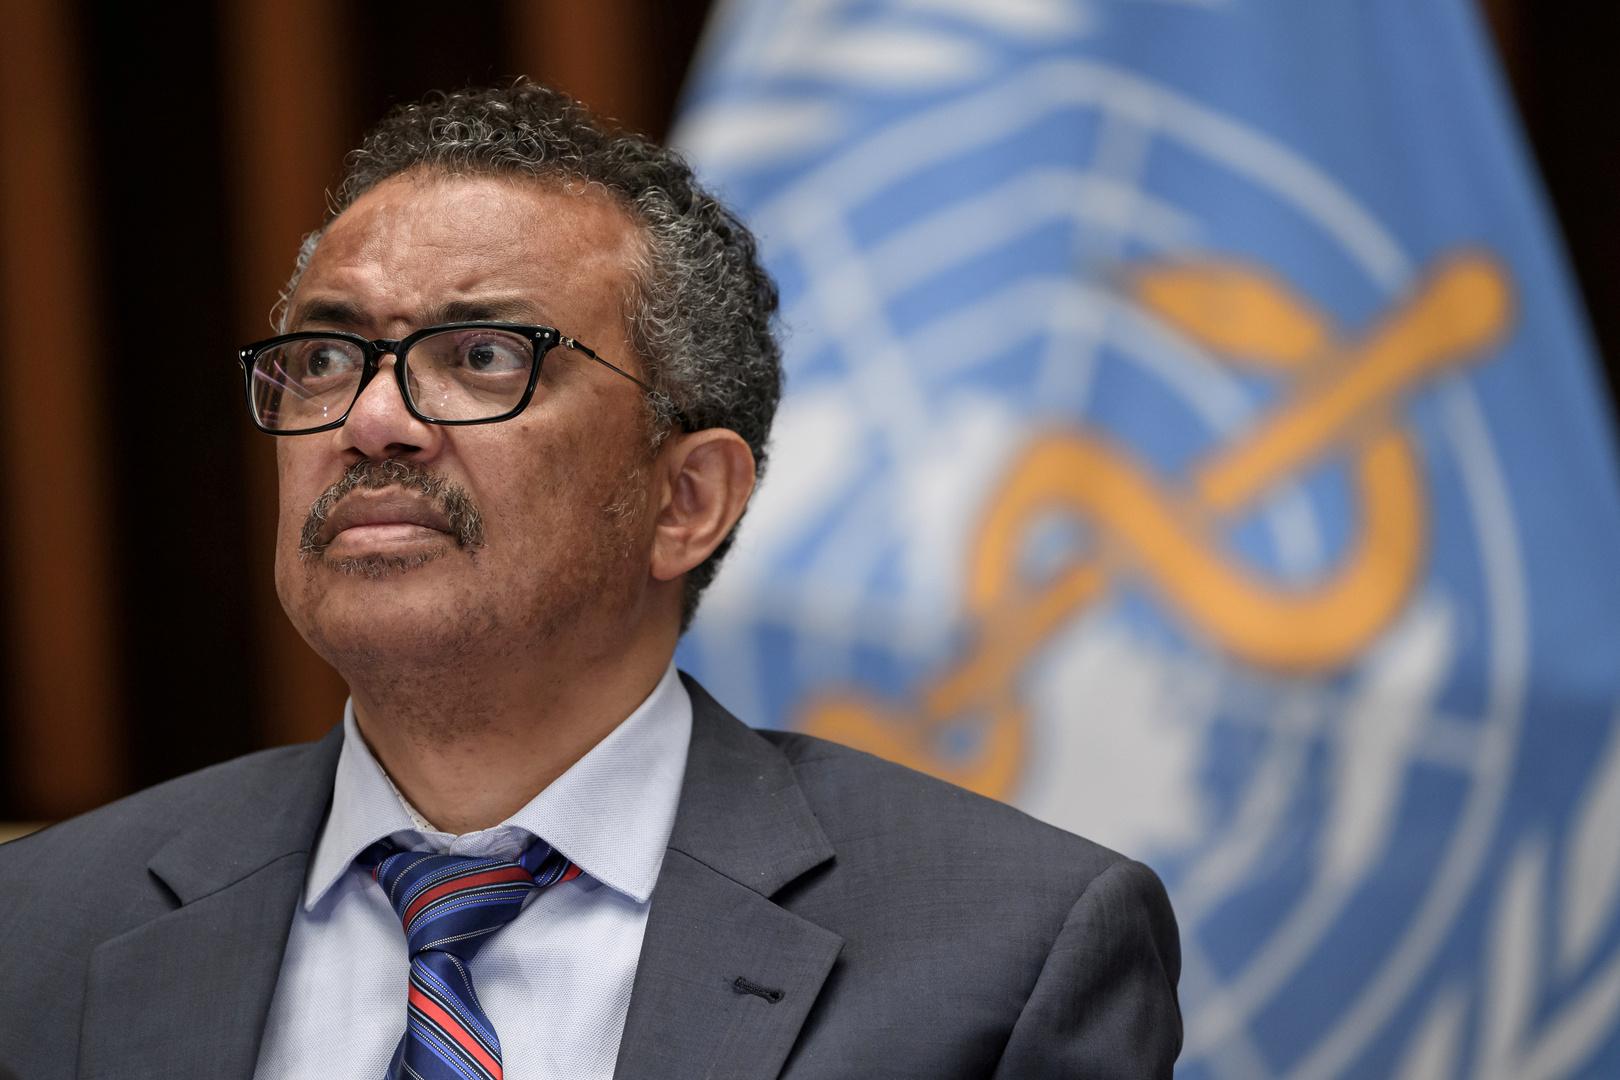 المدير العام لمنظمة الصحة العالمية، تیدروس أدهانوم غيبريسوس